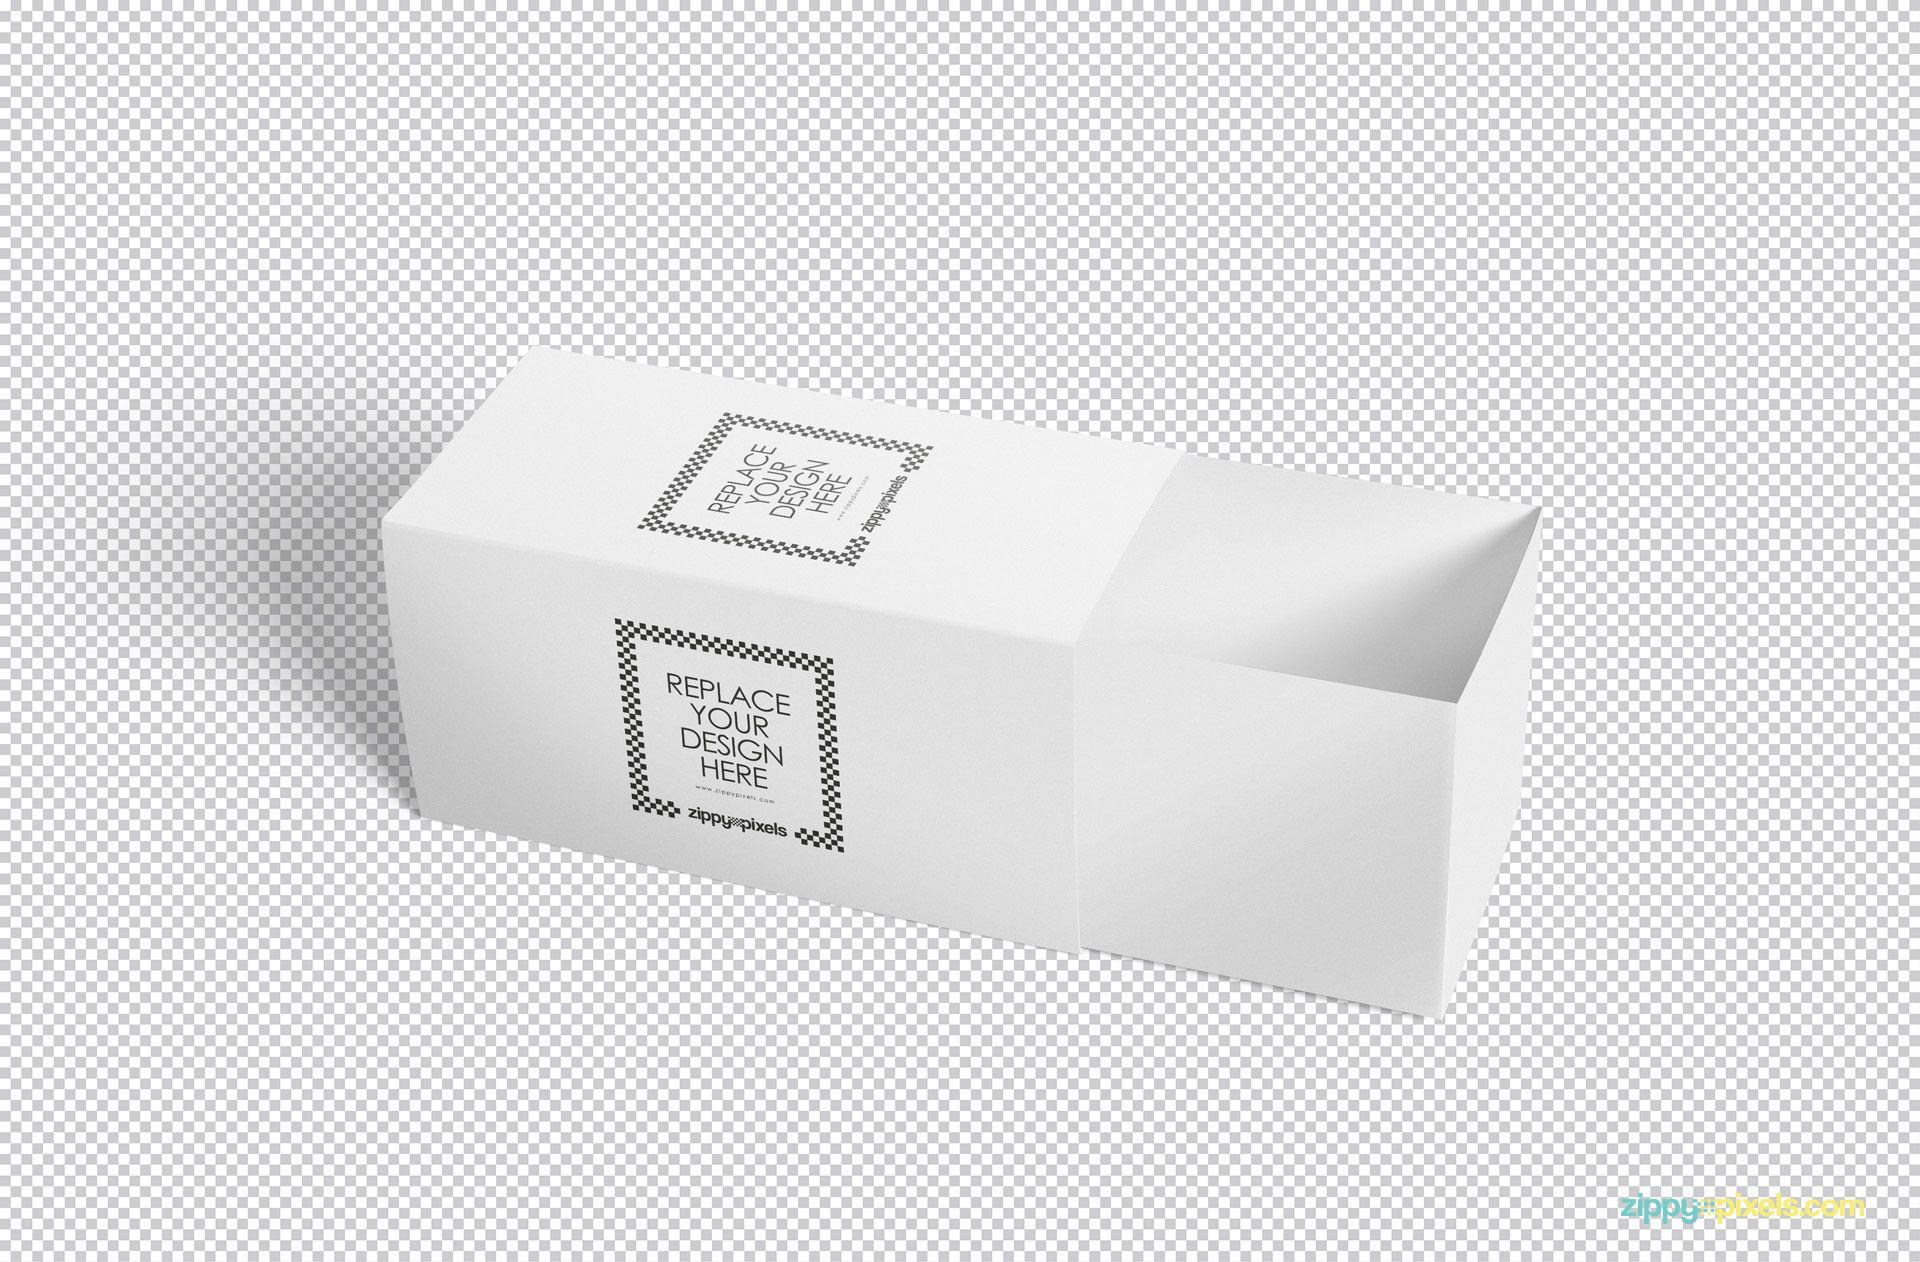 Download 3 Free Cardboard Drawer Box Mockups Zippypixels Box Mockup Drawer Box Slide Box